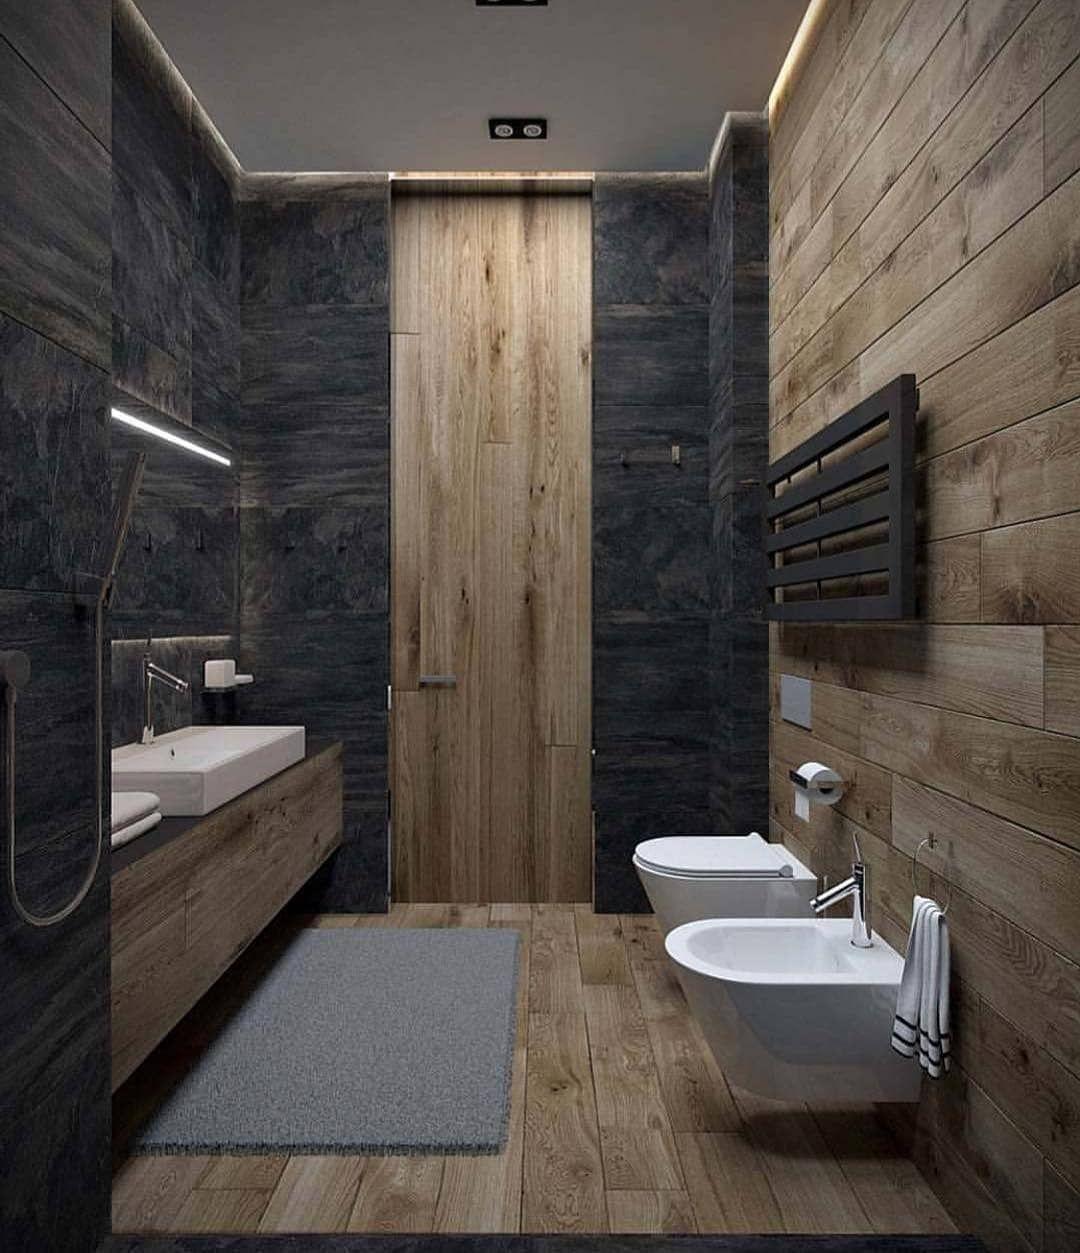 Bathroomdesign Hashtag On Instagram Photos And Videos Bathroomdesignhashtags Bathroom Lighting Design Modern Bathroom Design Toilet Design